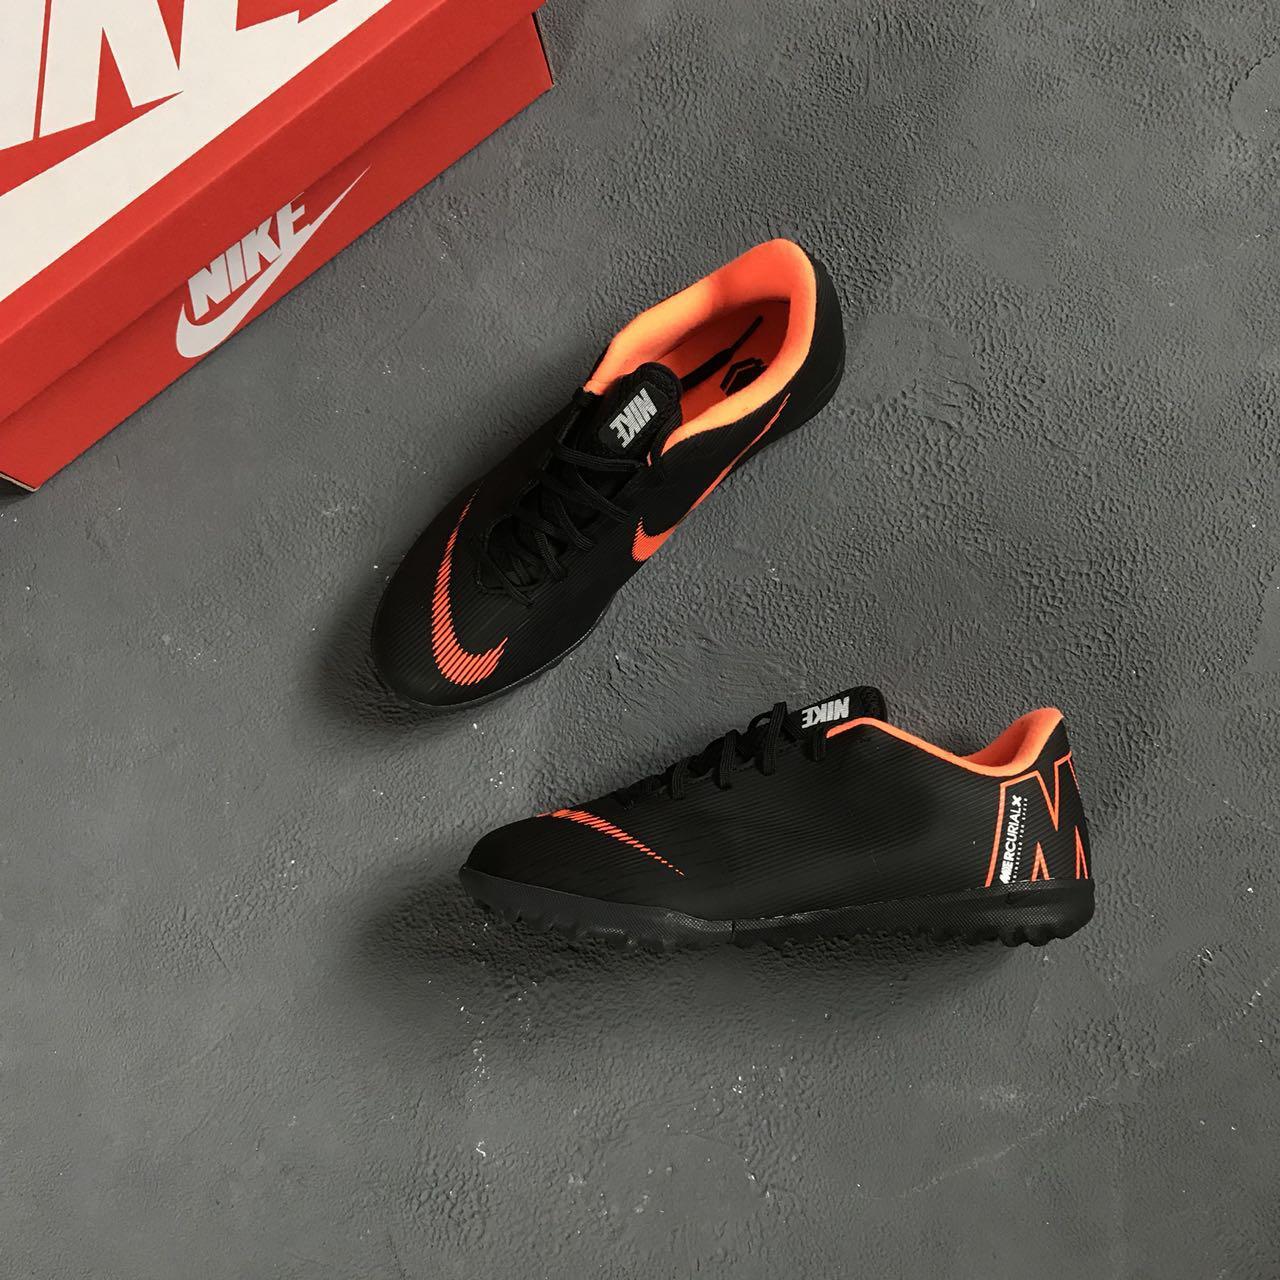 c5253848 Сороконожки Nike Mercurial Vapor 360 - Sport Exclusive магазин футбольной  экипировки в Киеве